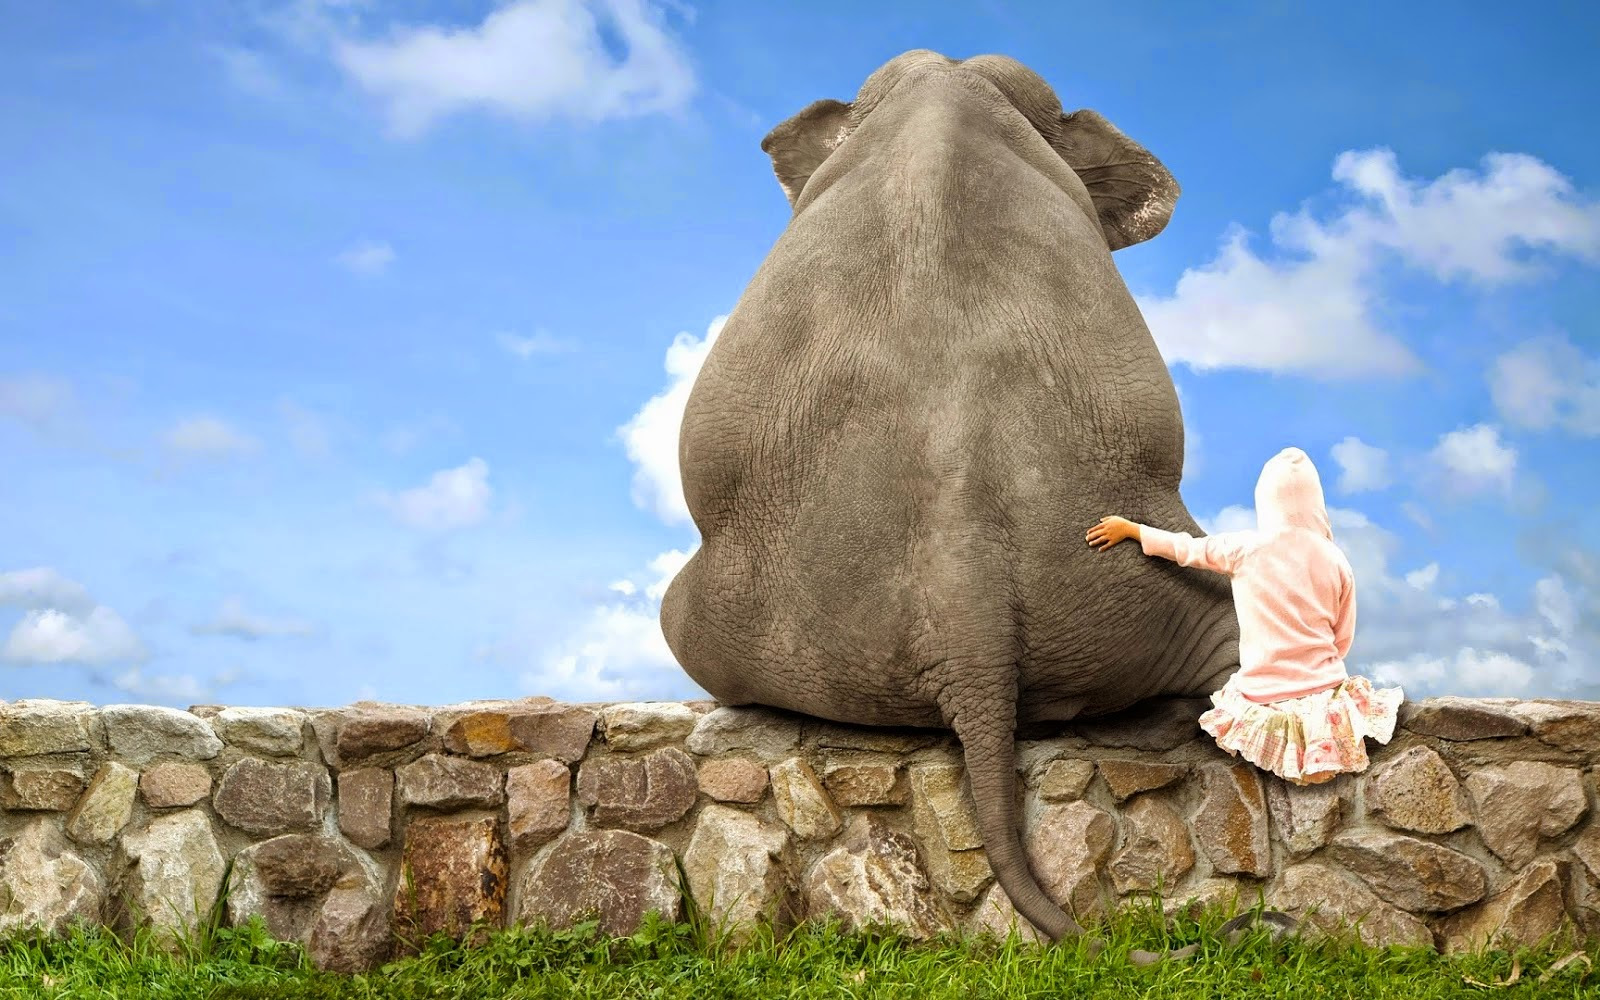 Lustige Tierfotos HausTierSuche at Private  - lustige tierbilder bilder